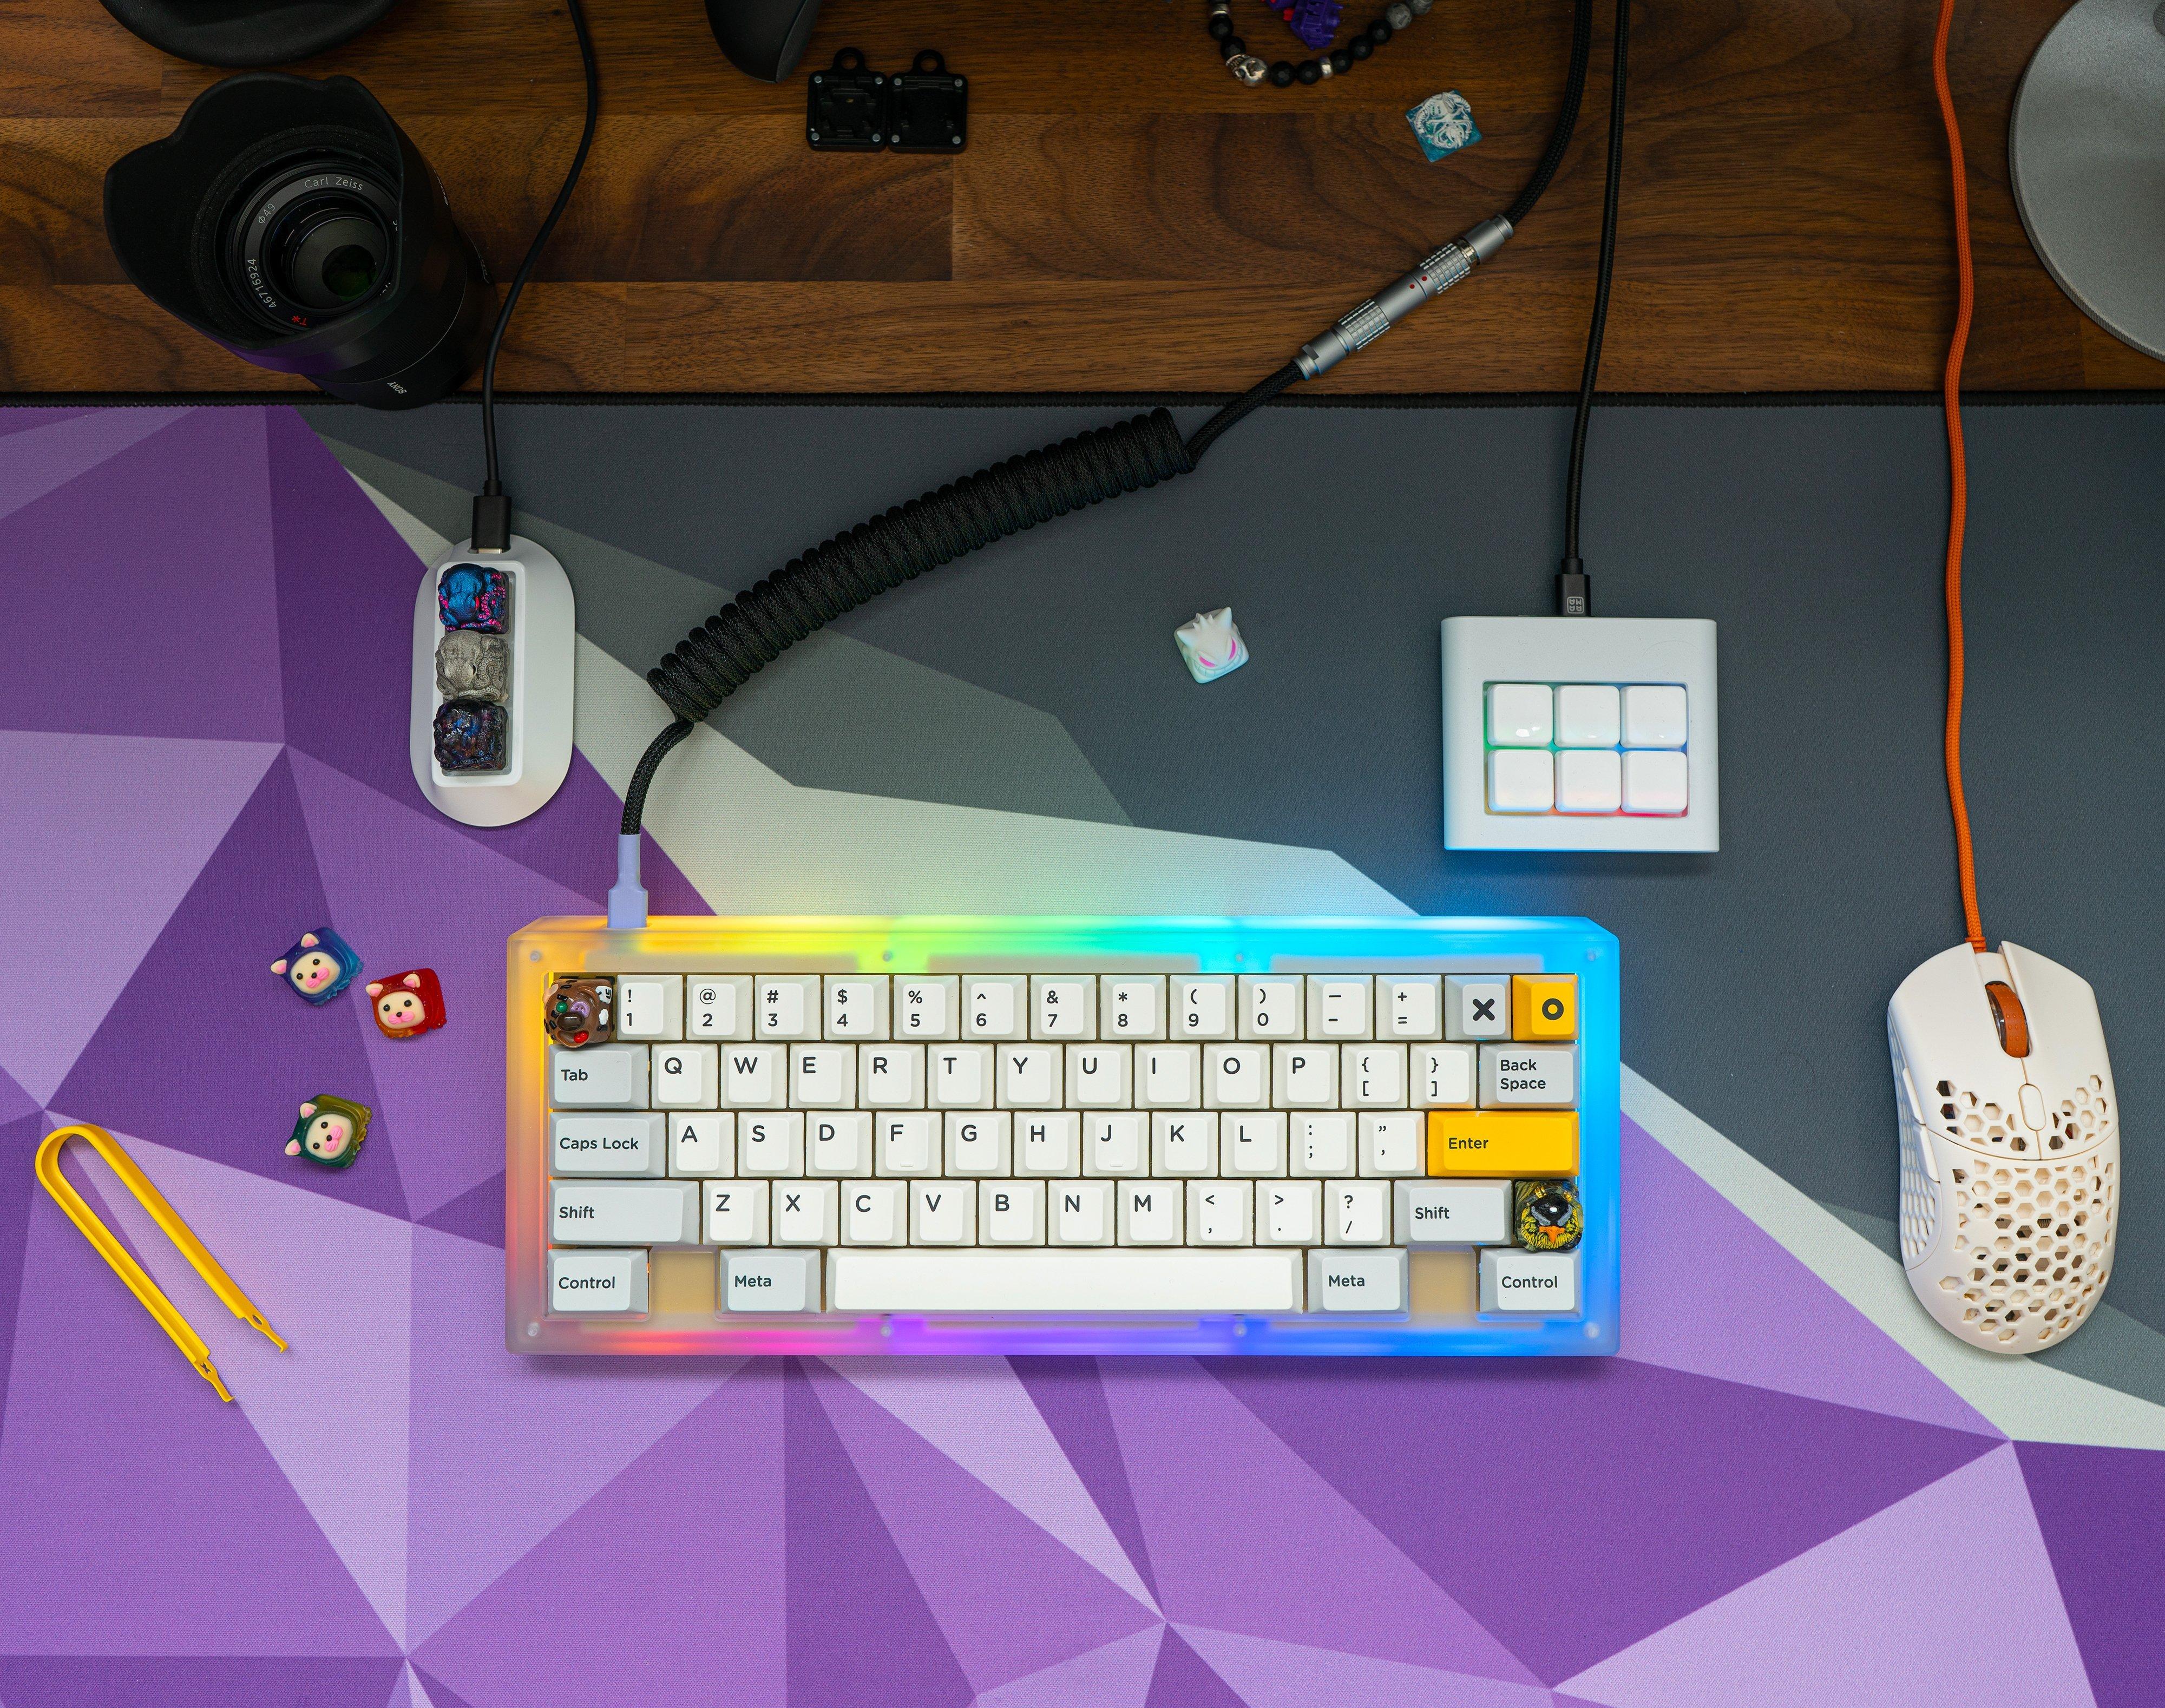 512 RGB keyboard